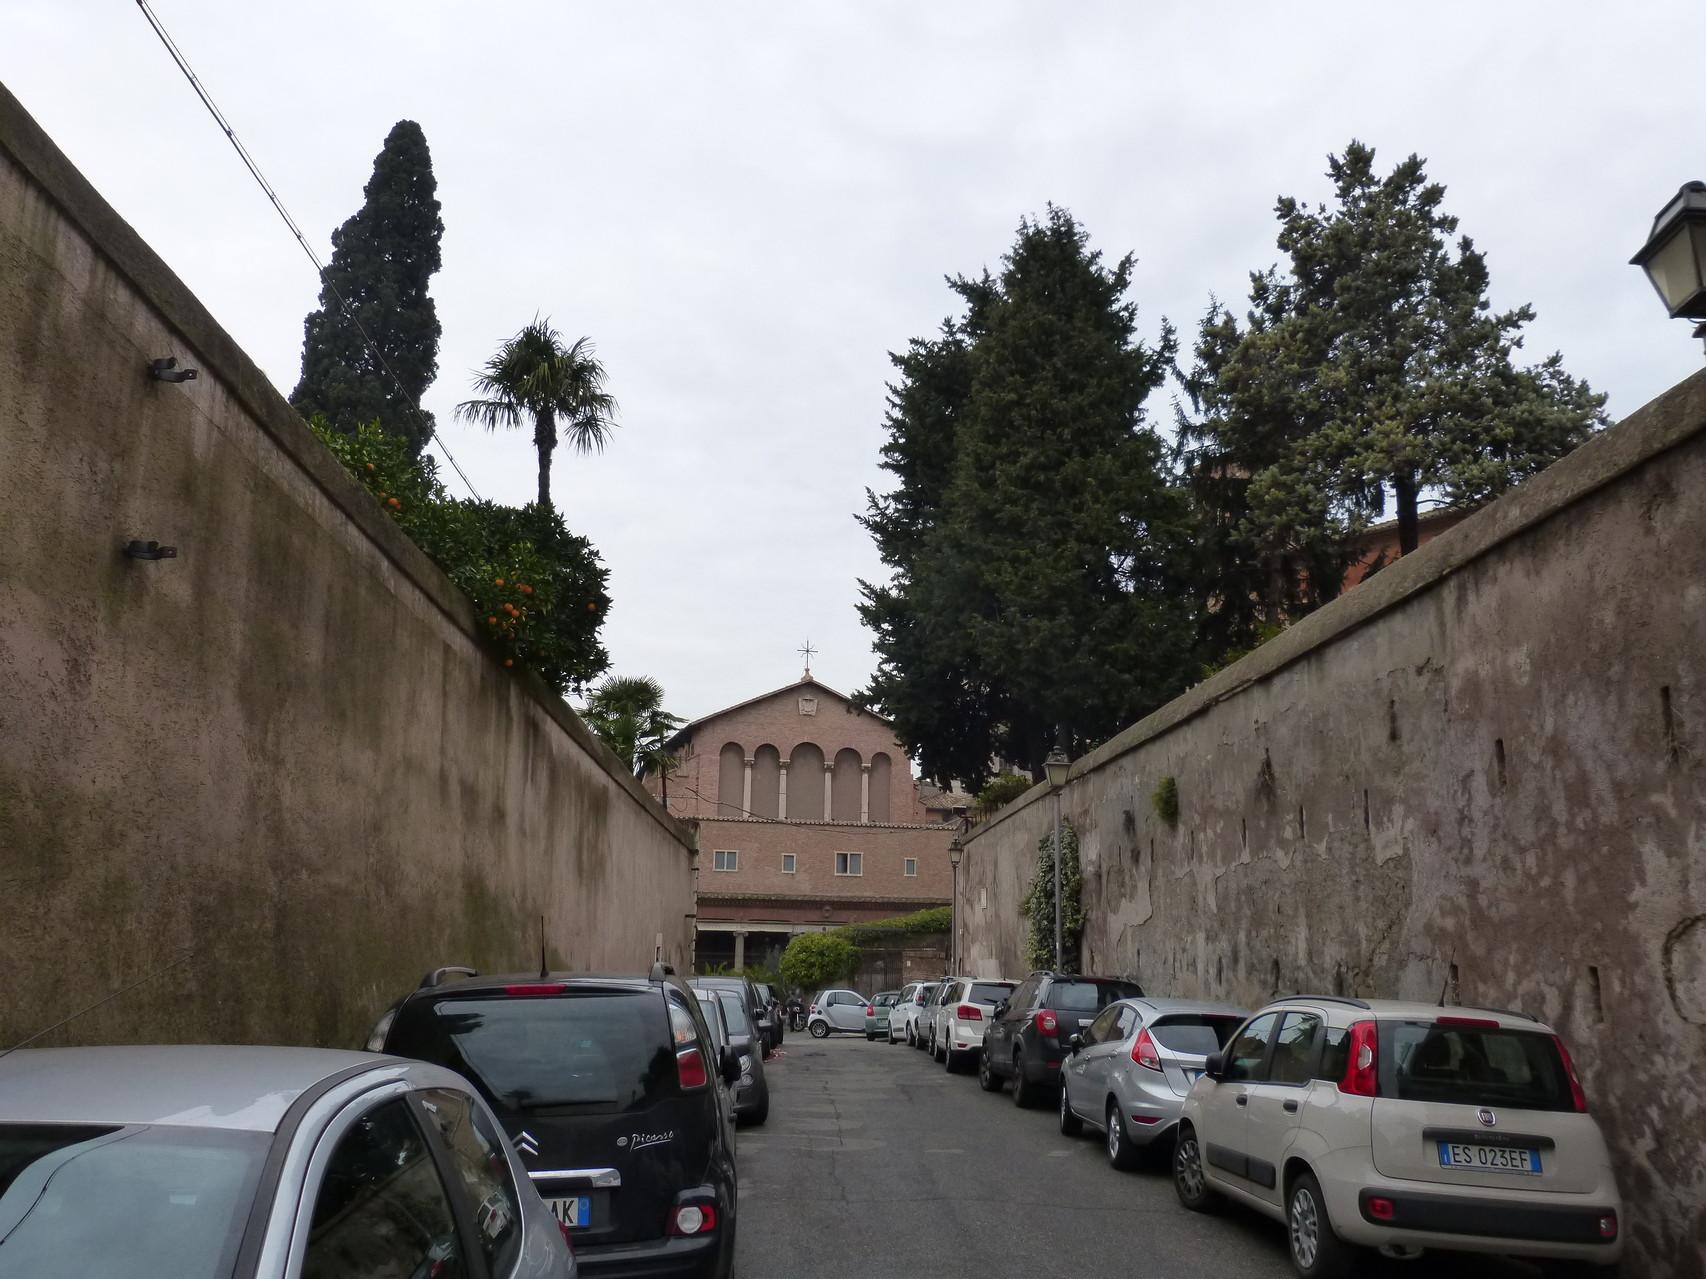 Via S.P. della Groce